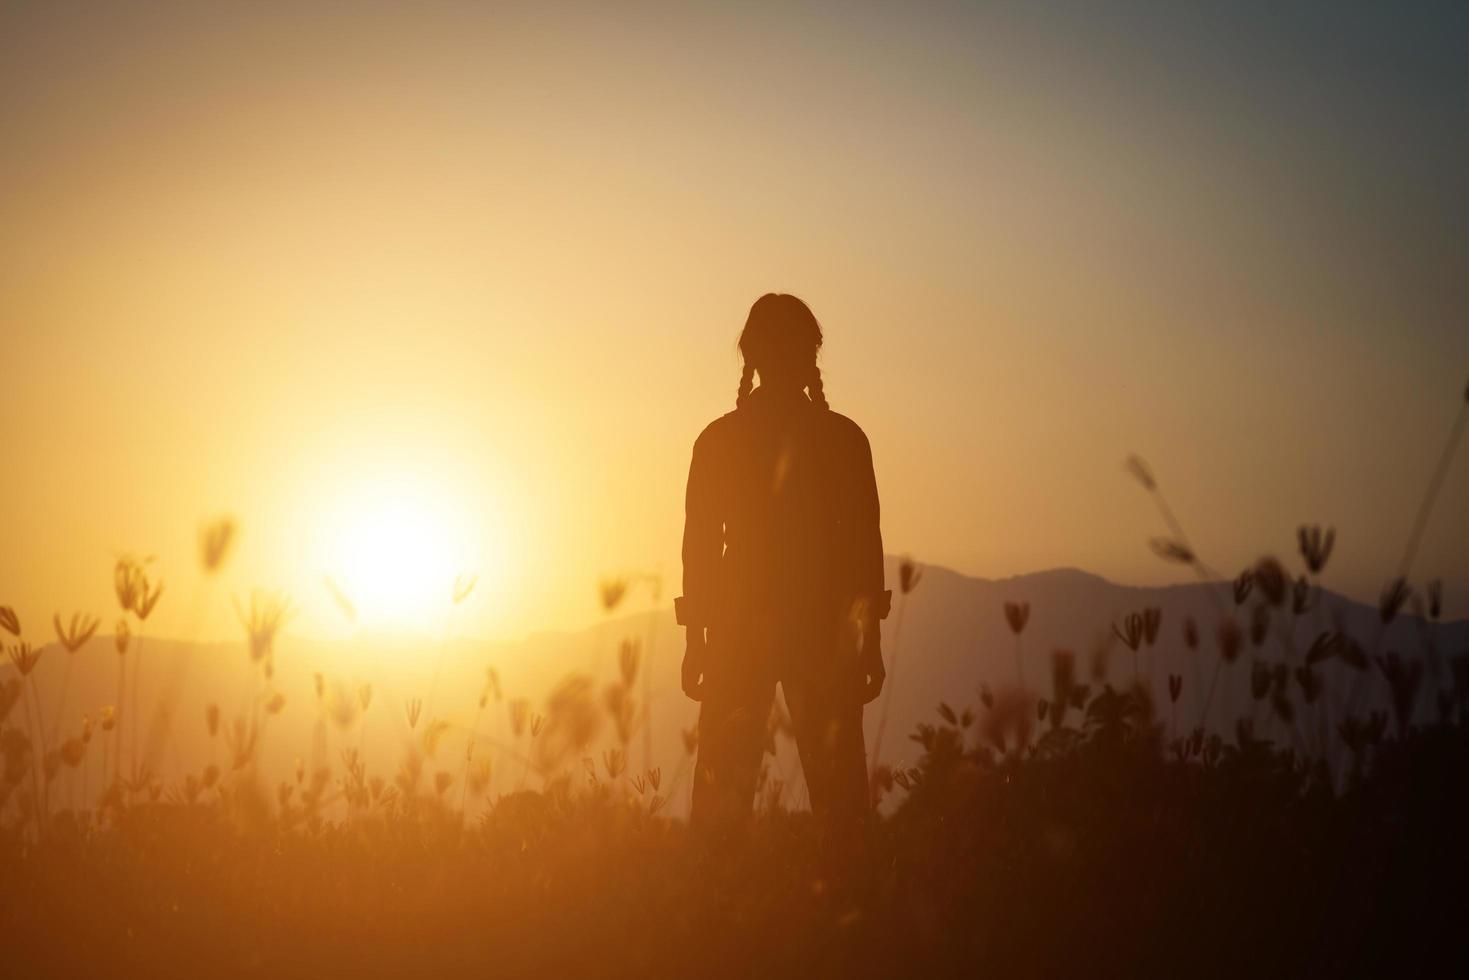 silhouet van een vrouw die bidt over een mooie hemelachtergrond foto